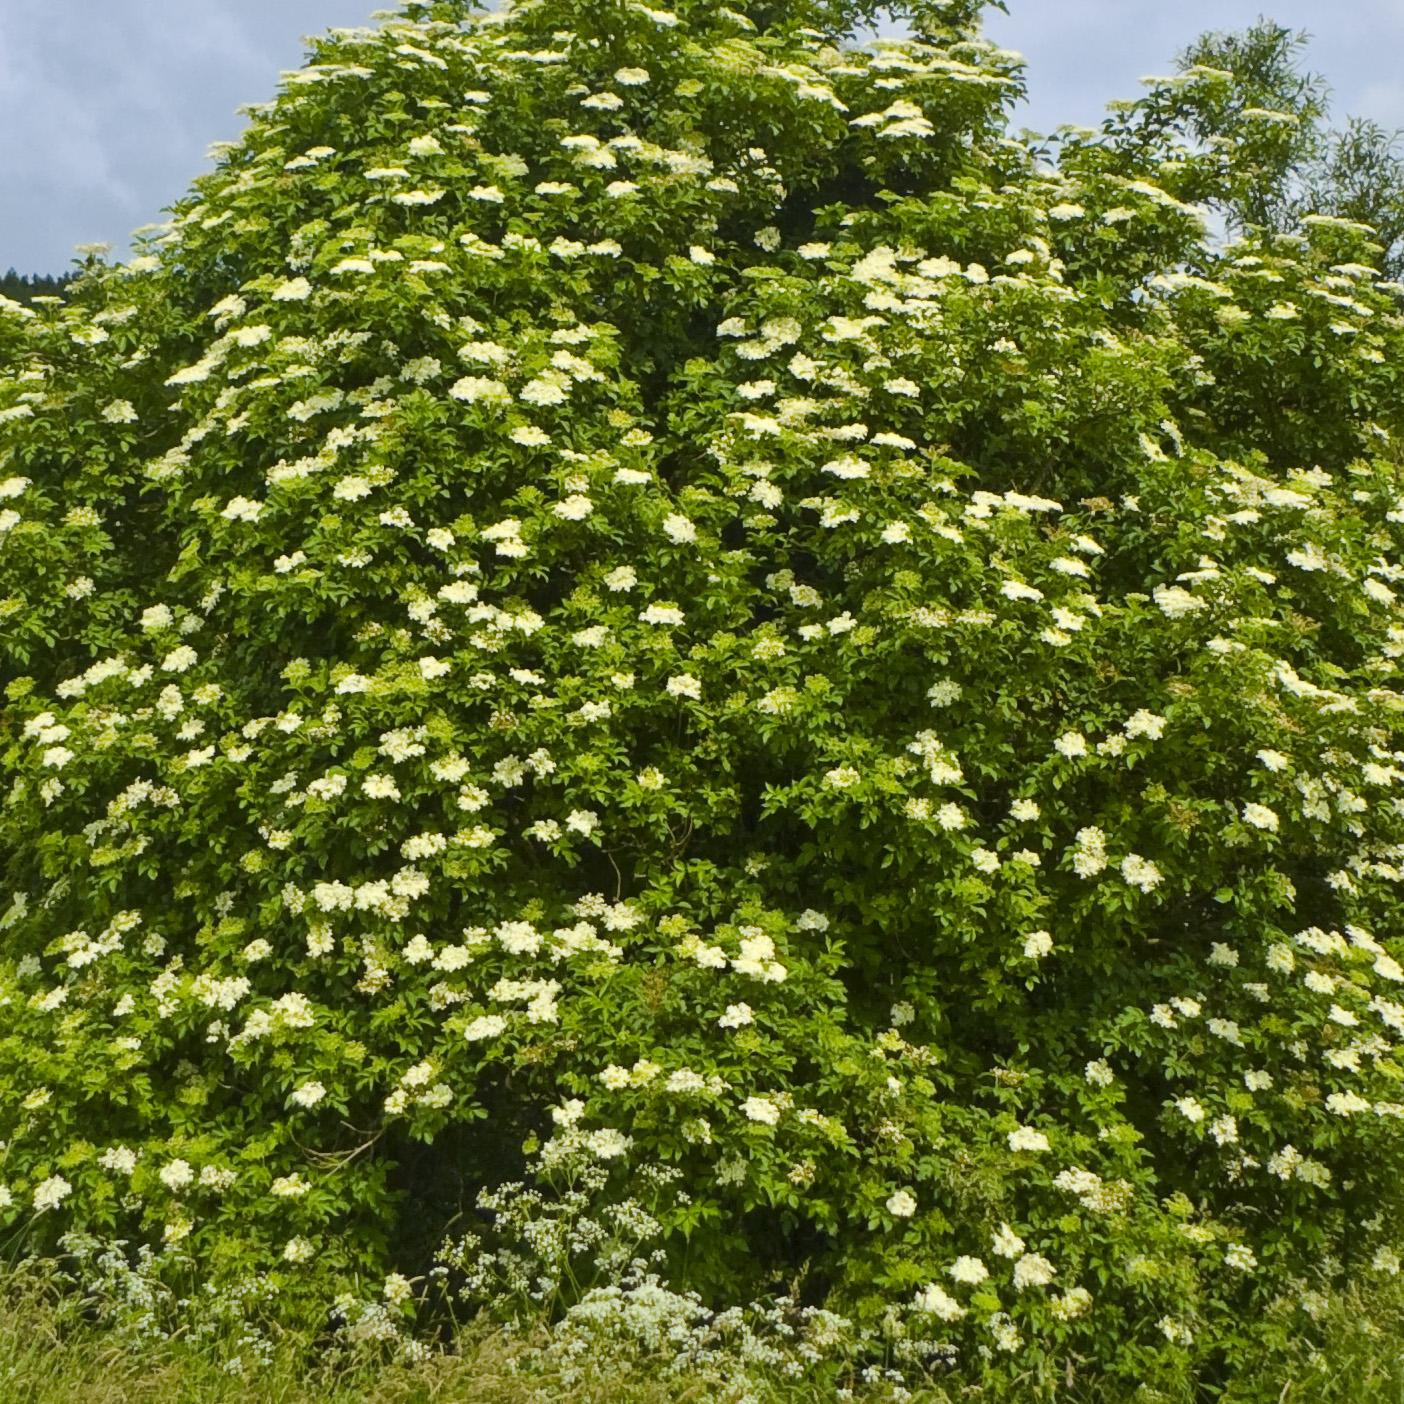 Elderflowers | Organic Dried Herb